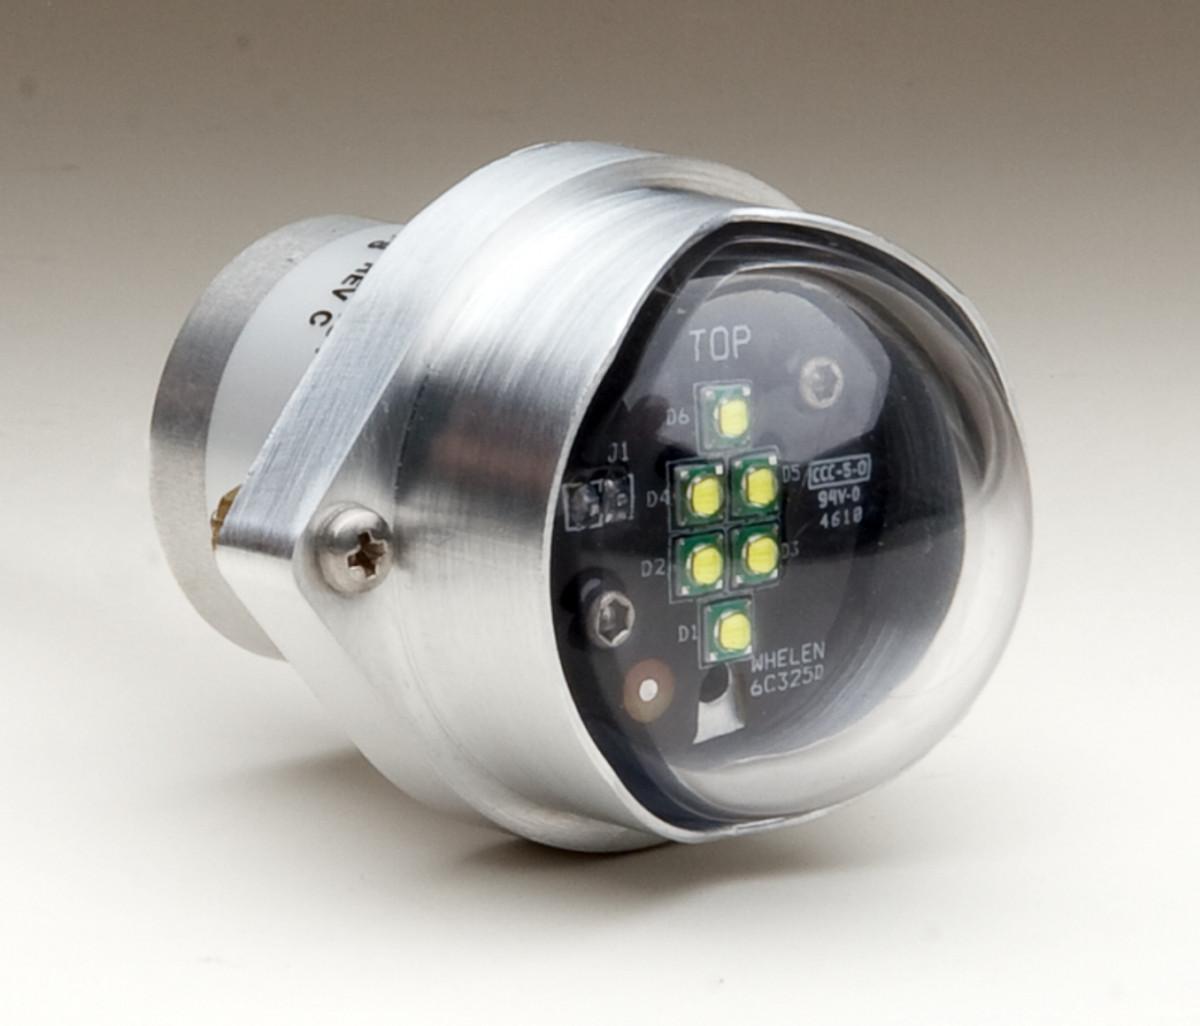 Whelen 7155411 LED Position Light